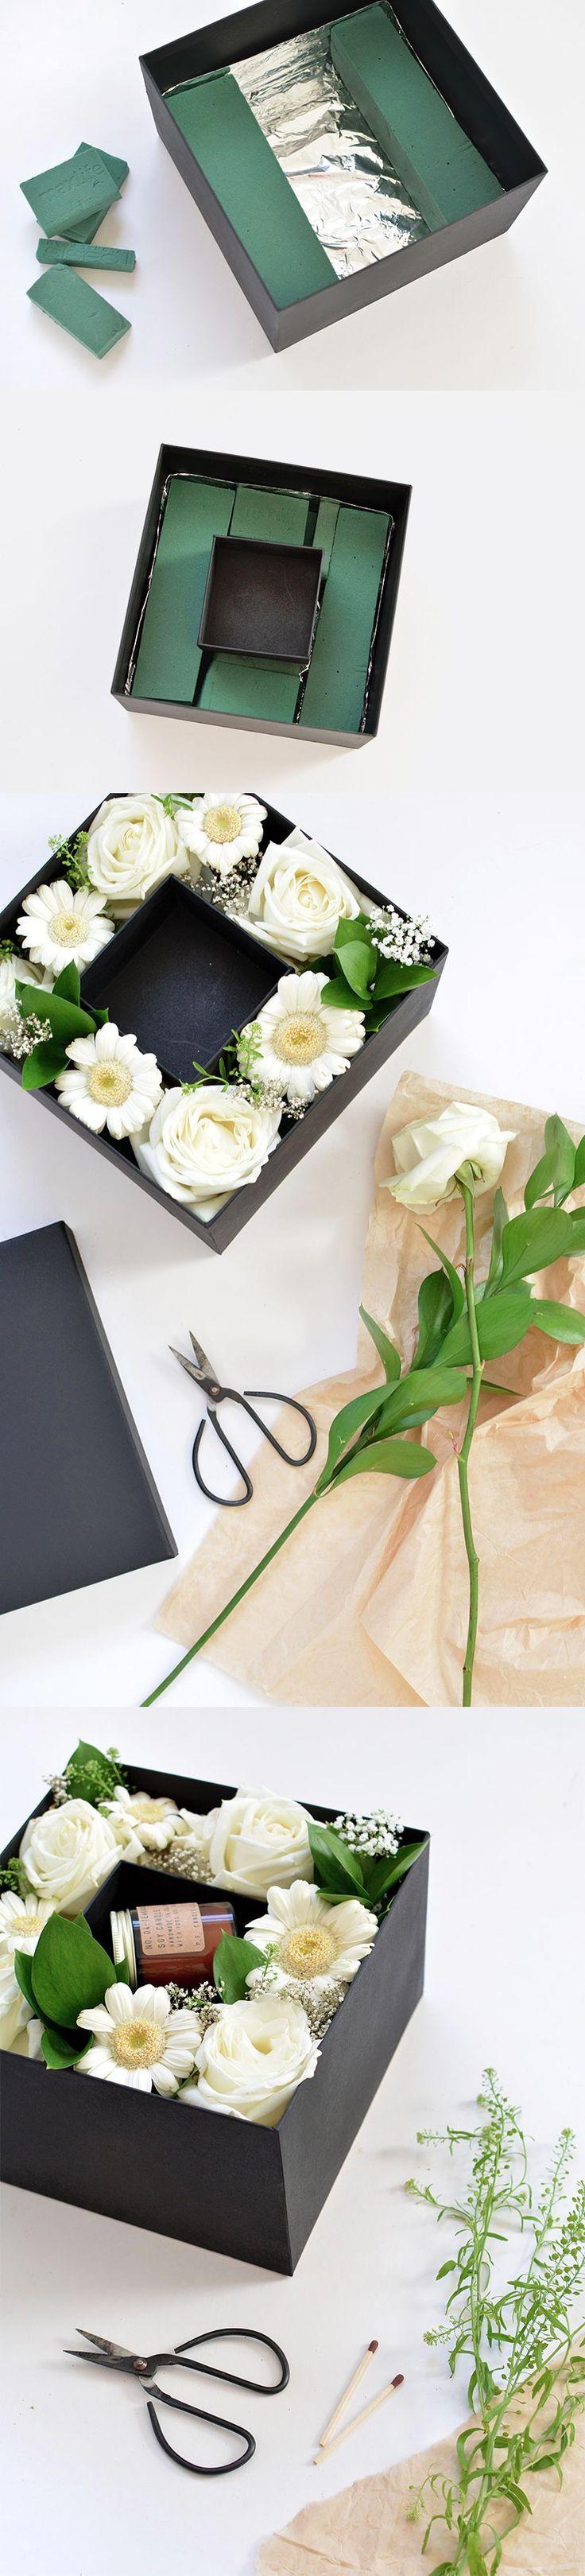 Lindo regalo DIY para madrina de boda / http://www.burkatron.com